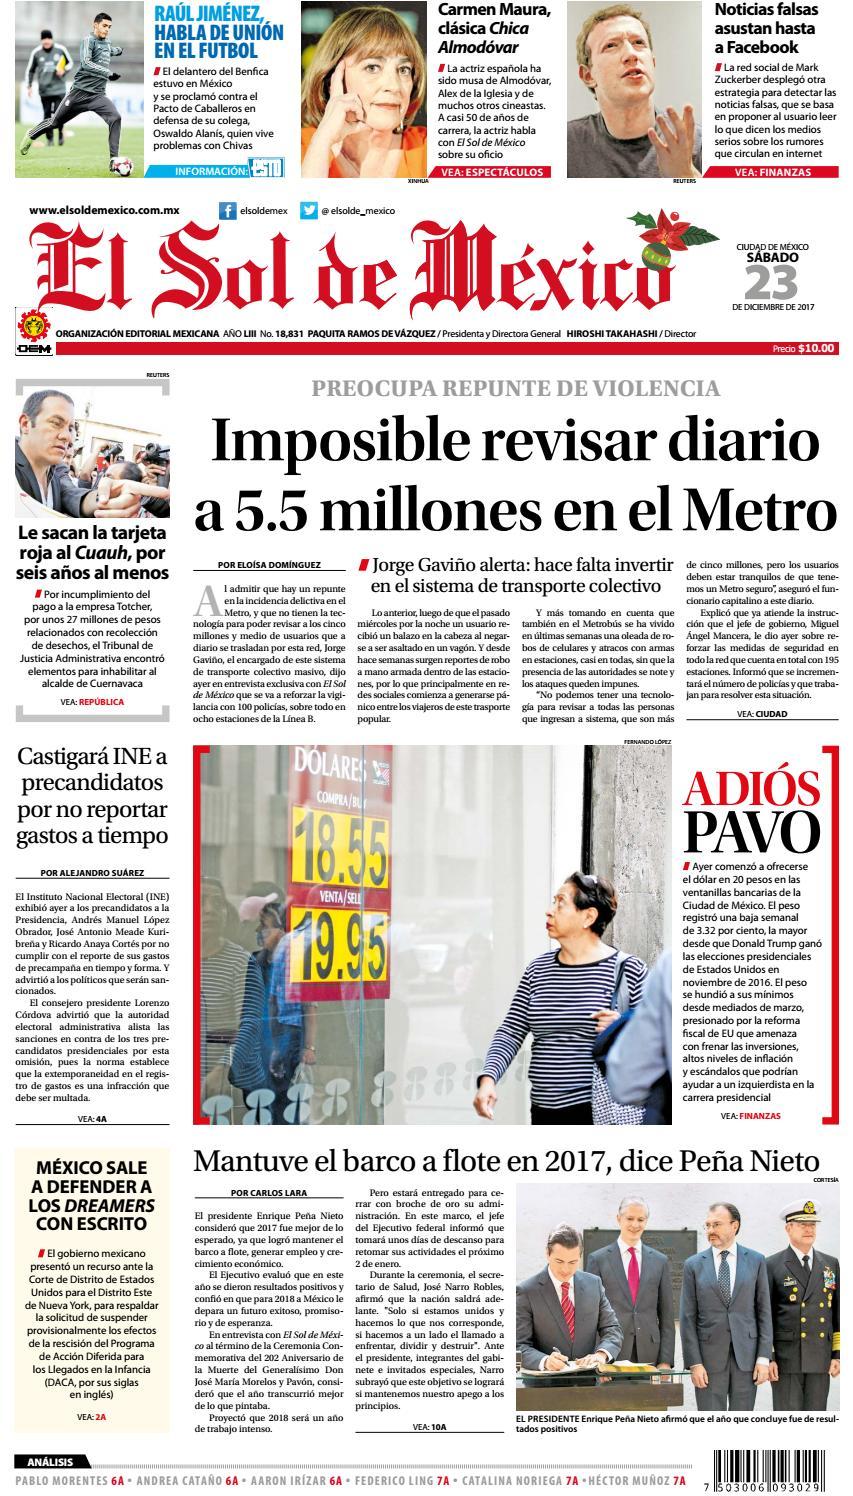 El Sol de México 23 de Diciembre de 2017 by El Sol de México - issuu 119459de42d